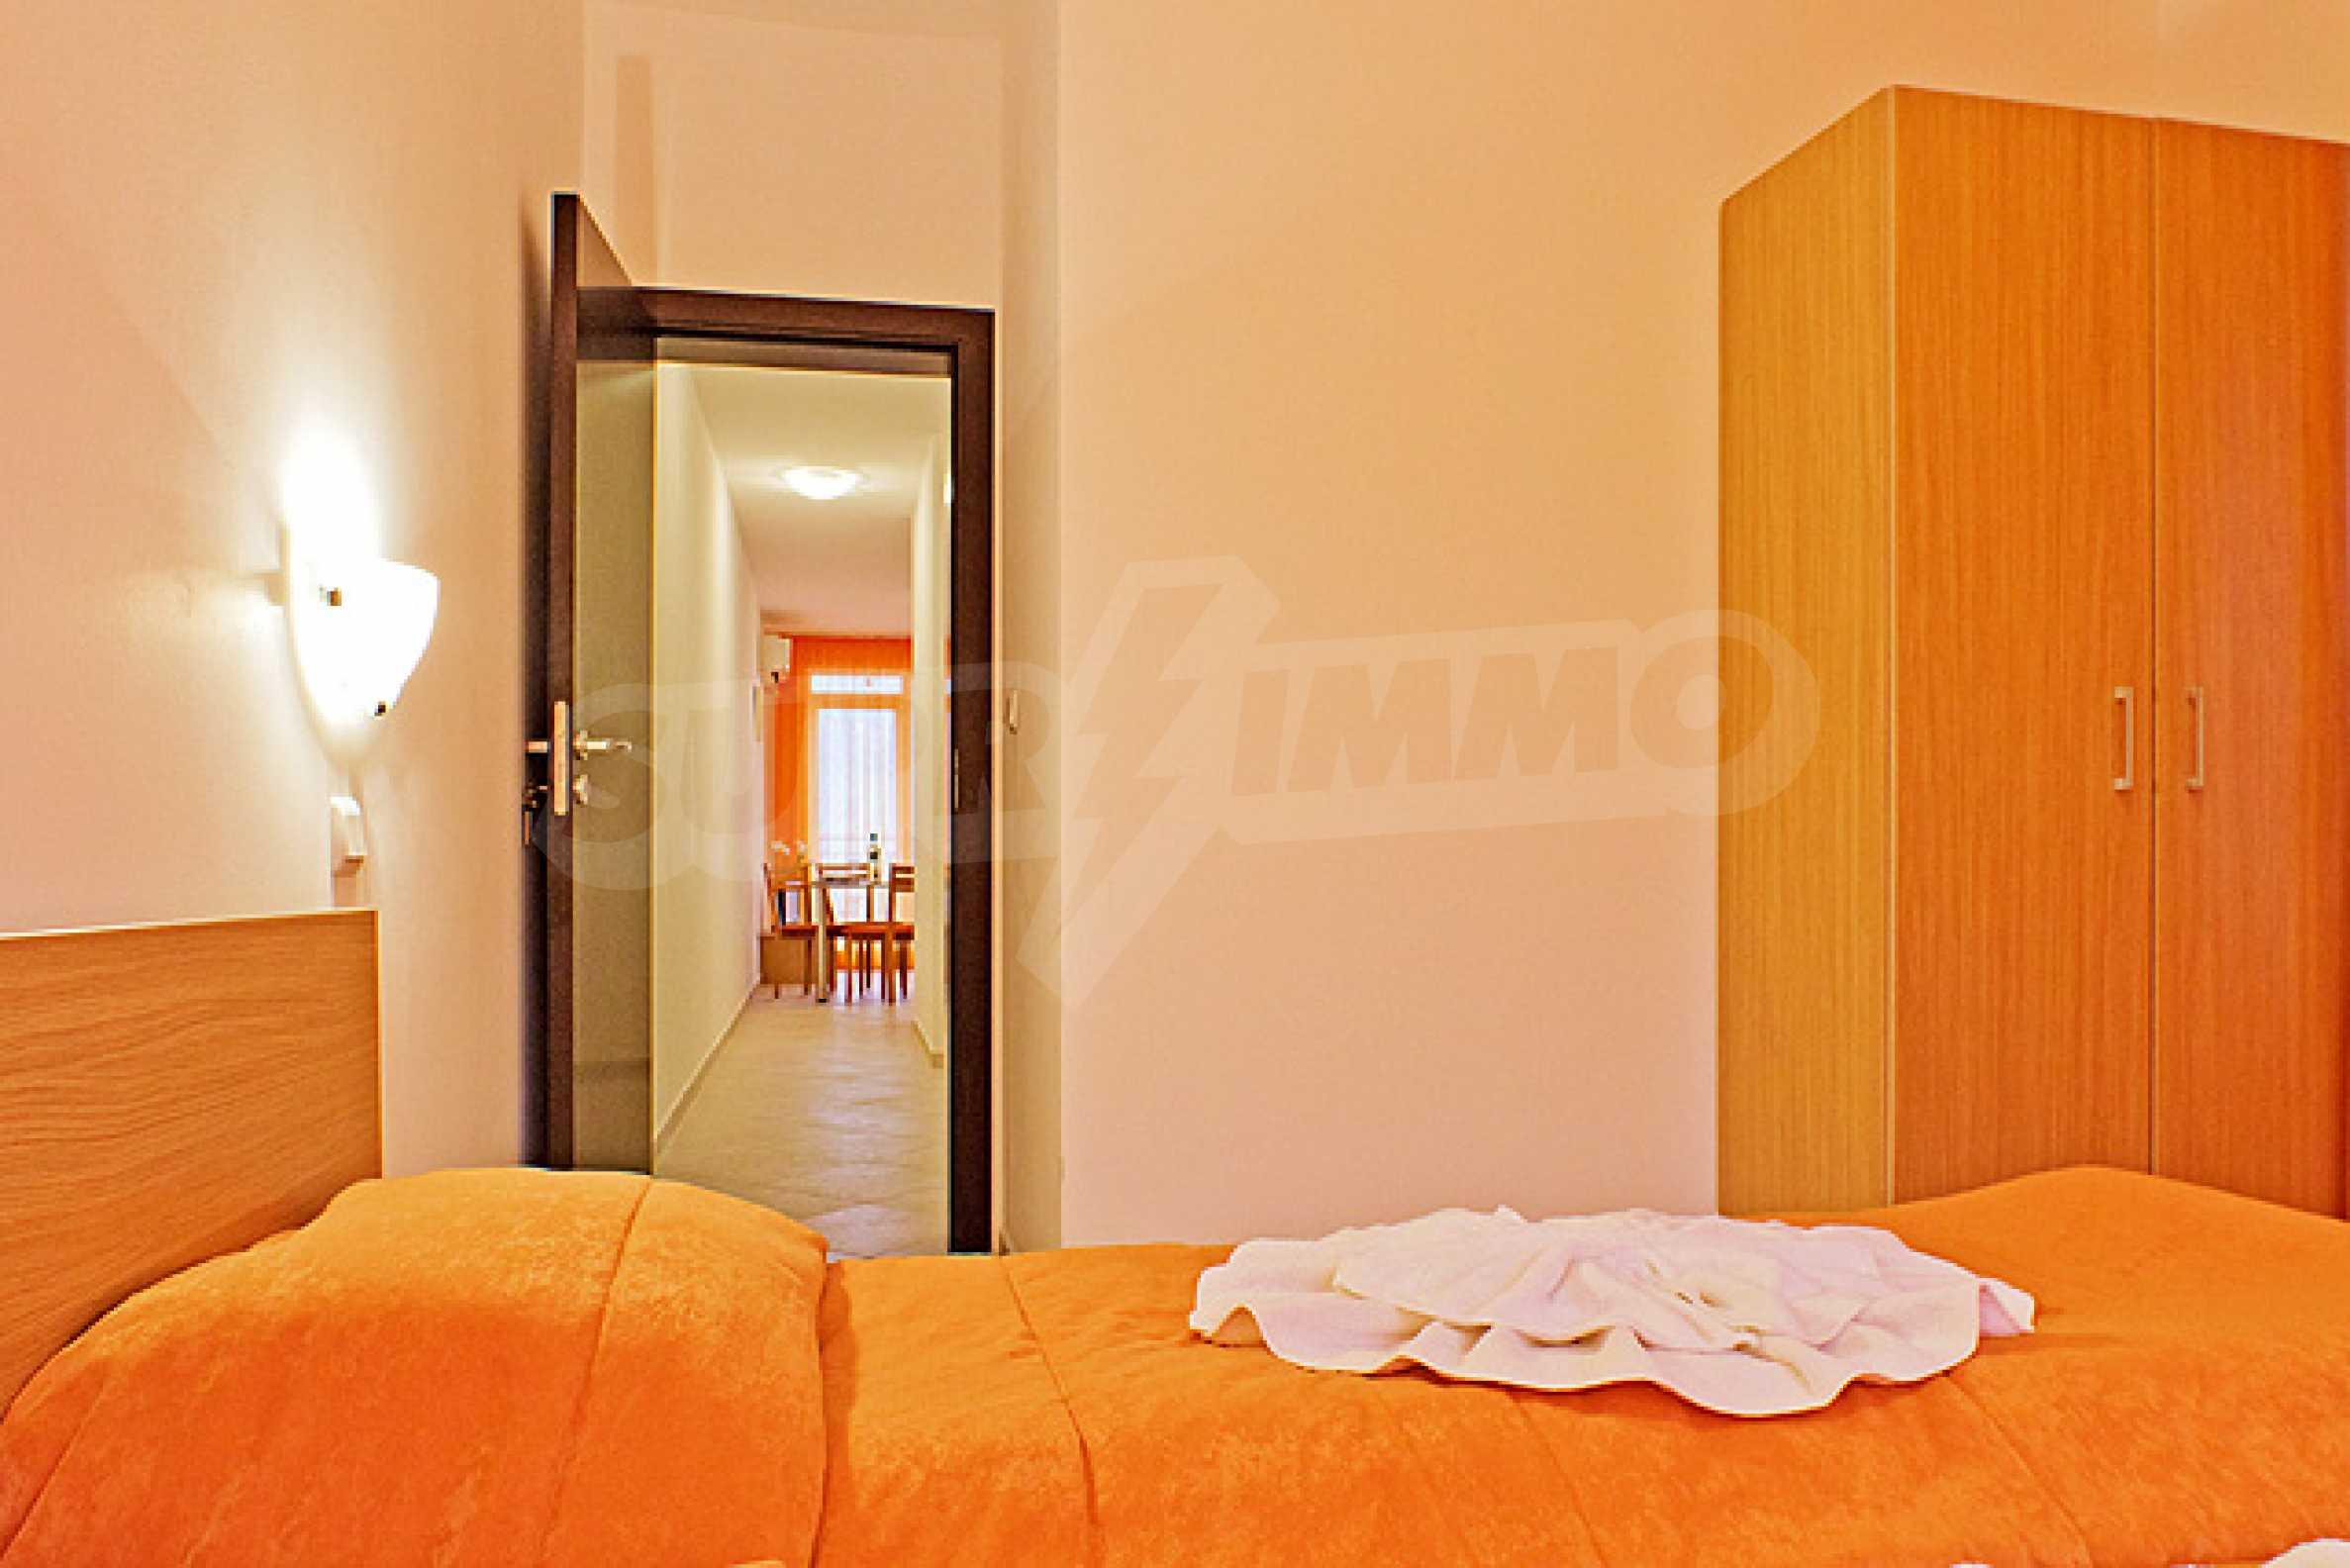 Sunset Kosharitsa - aпартаменти в атрактивен комплекс сред планината и морето, на 5 минути с кола от Слънчев бряг 26